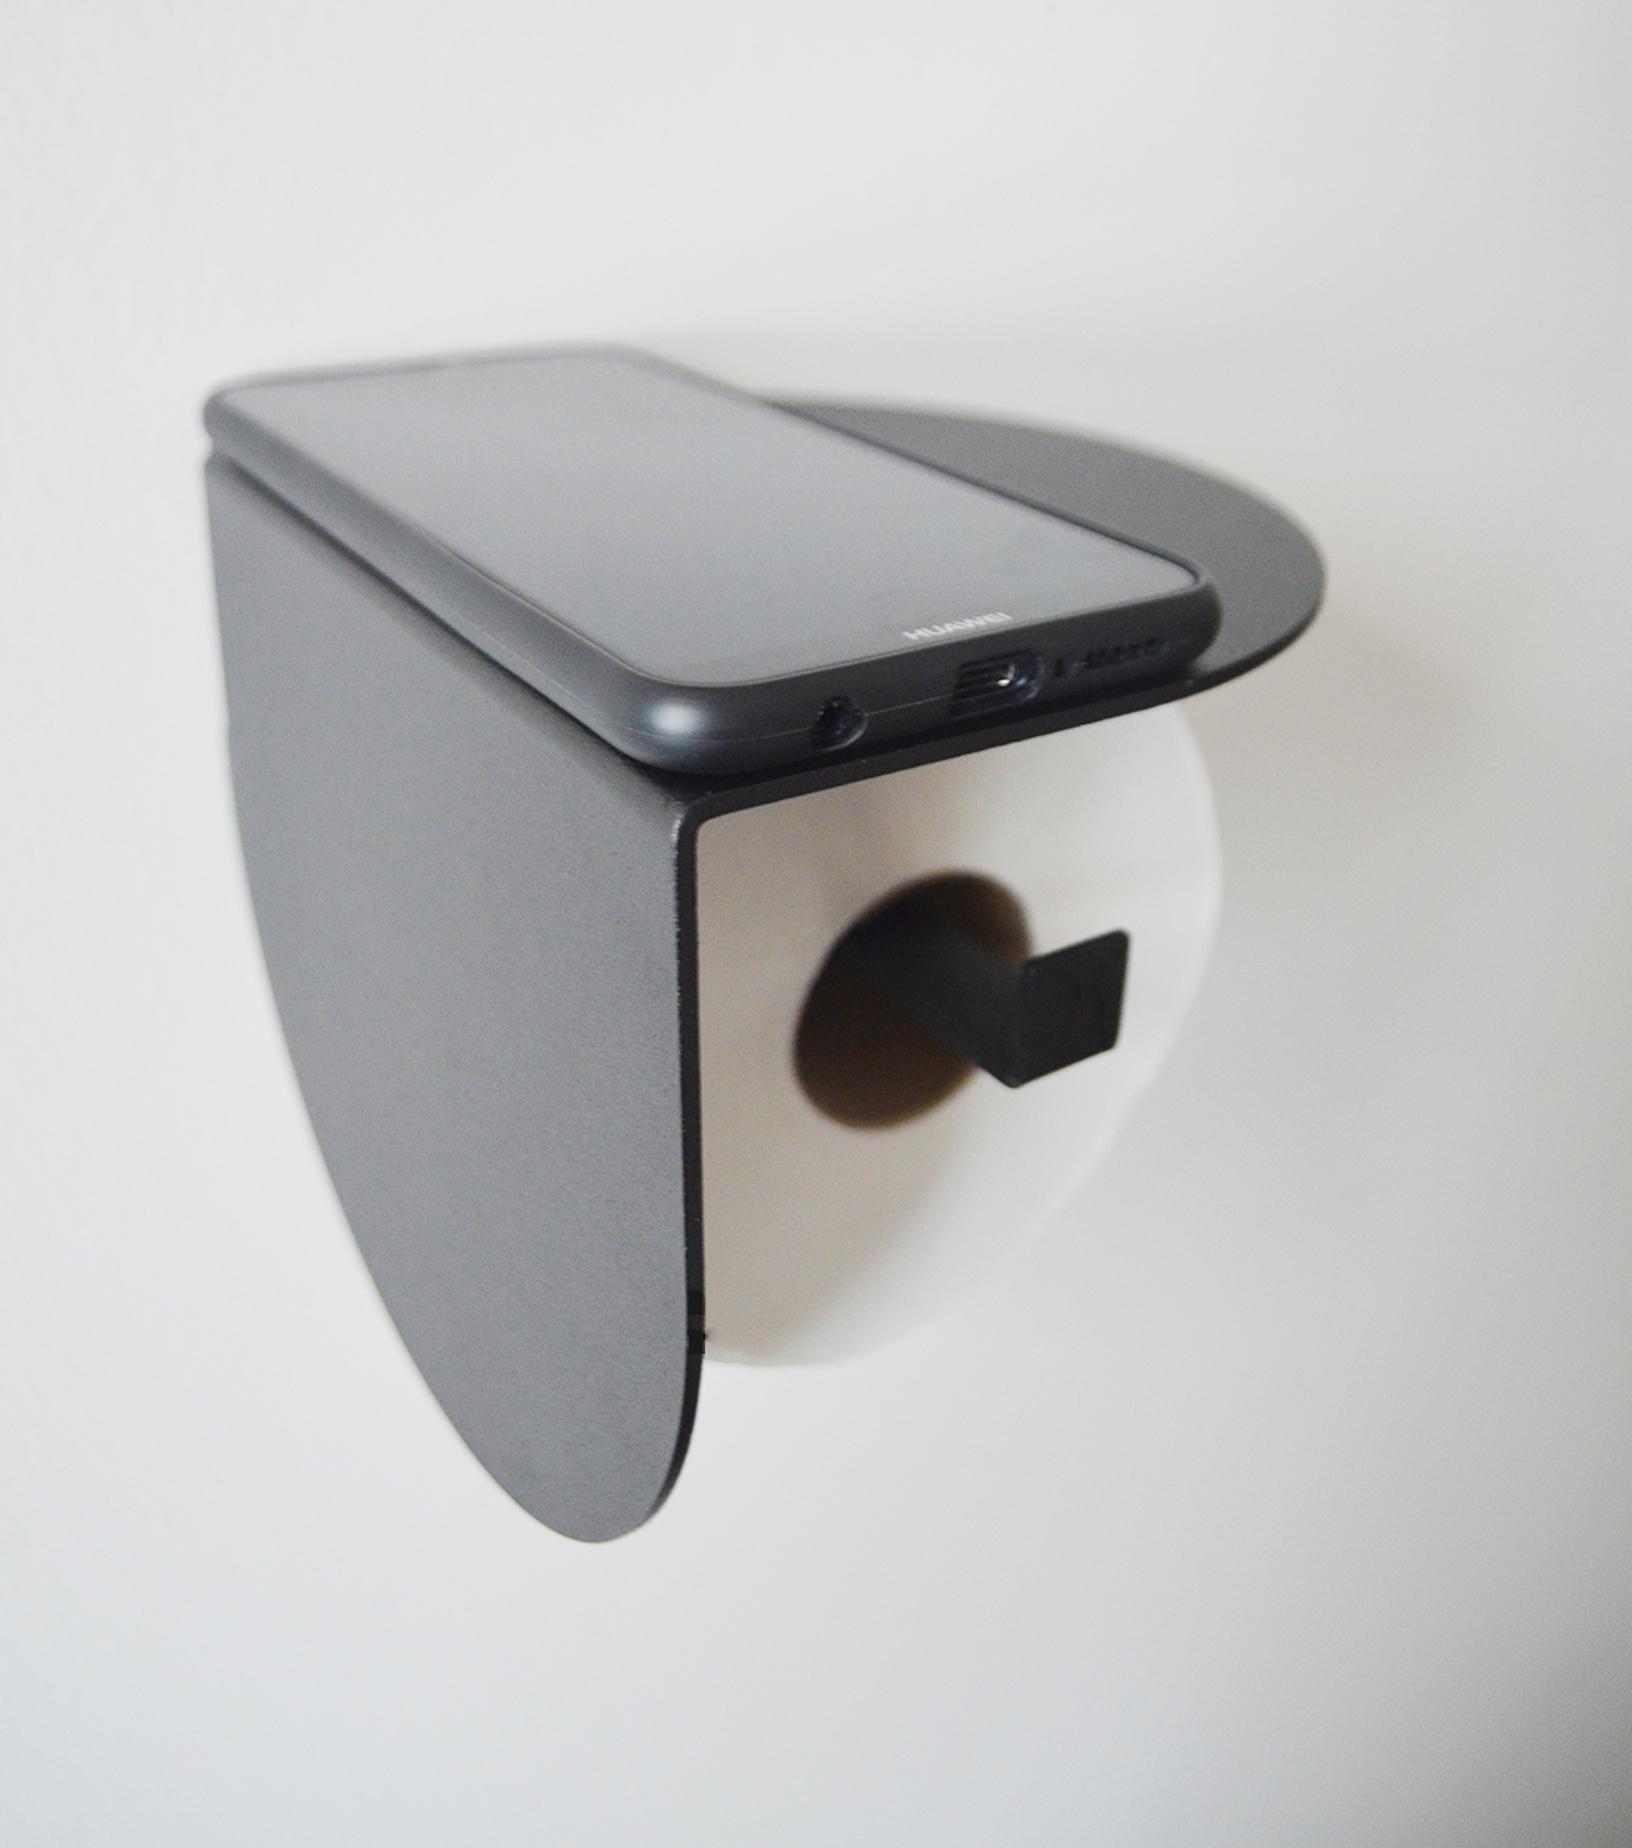 Viola toilet roll holder black